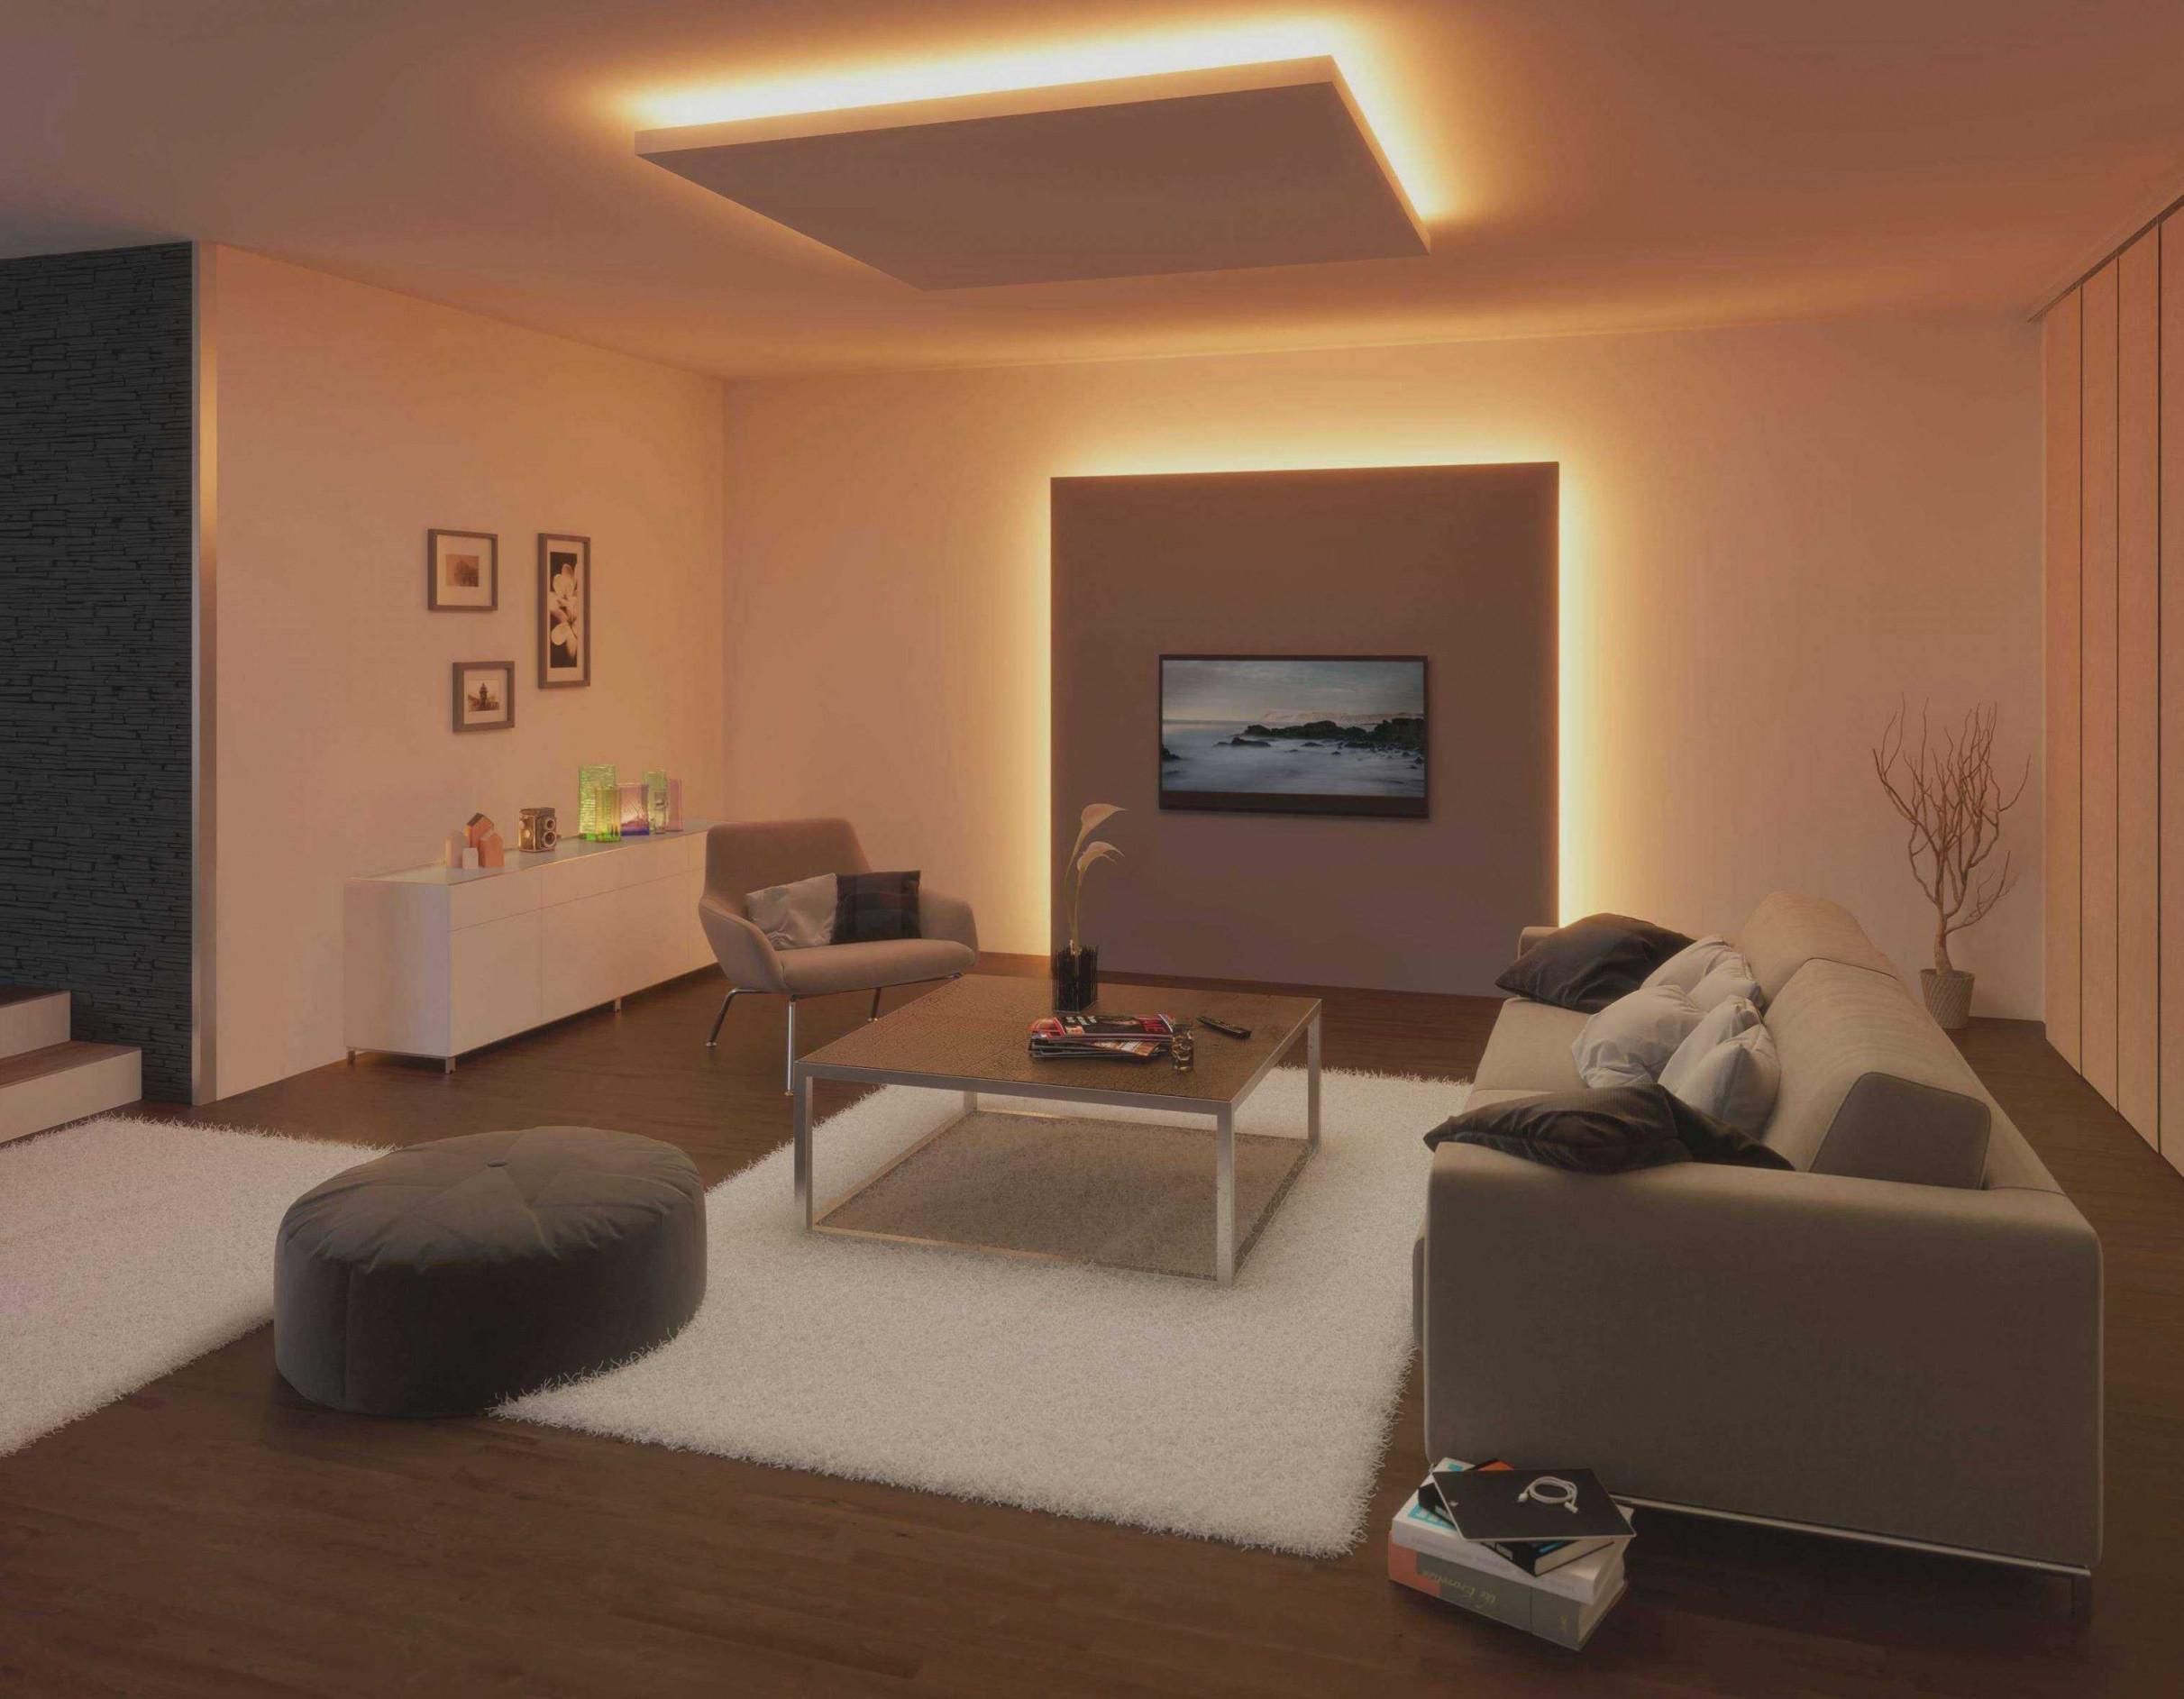 59 Genial Schmales Zimmer Einrichten Das Beste Von  Tolles von Schmales Wohnzimmer Ideen Bild